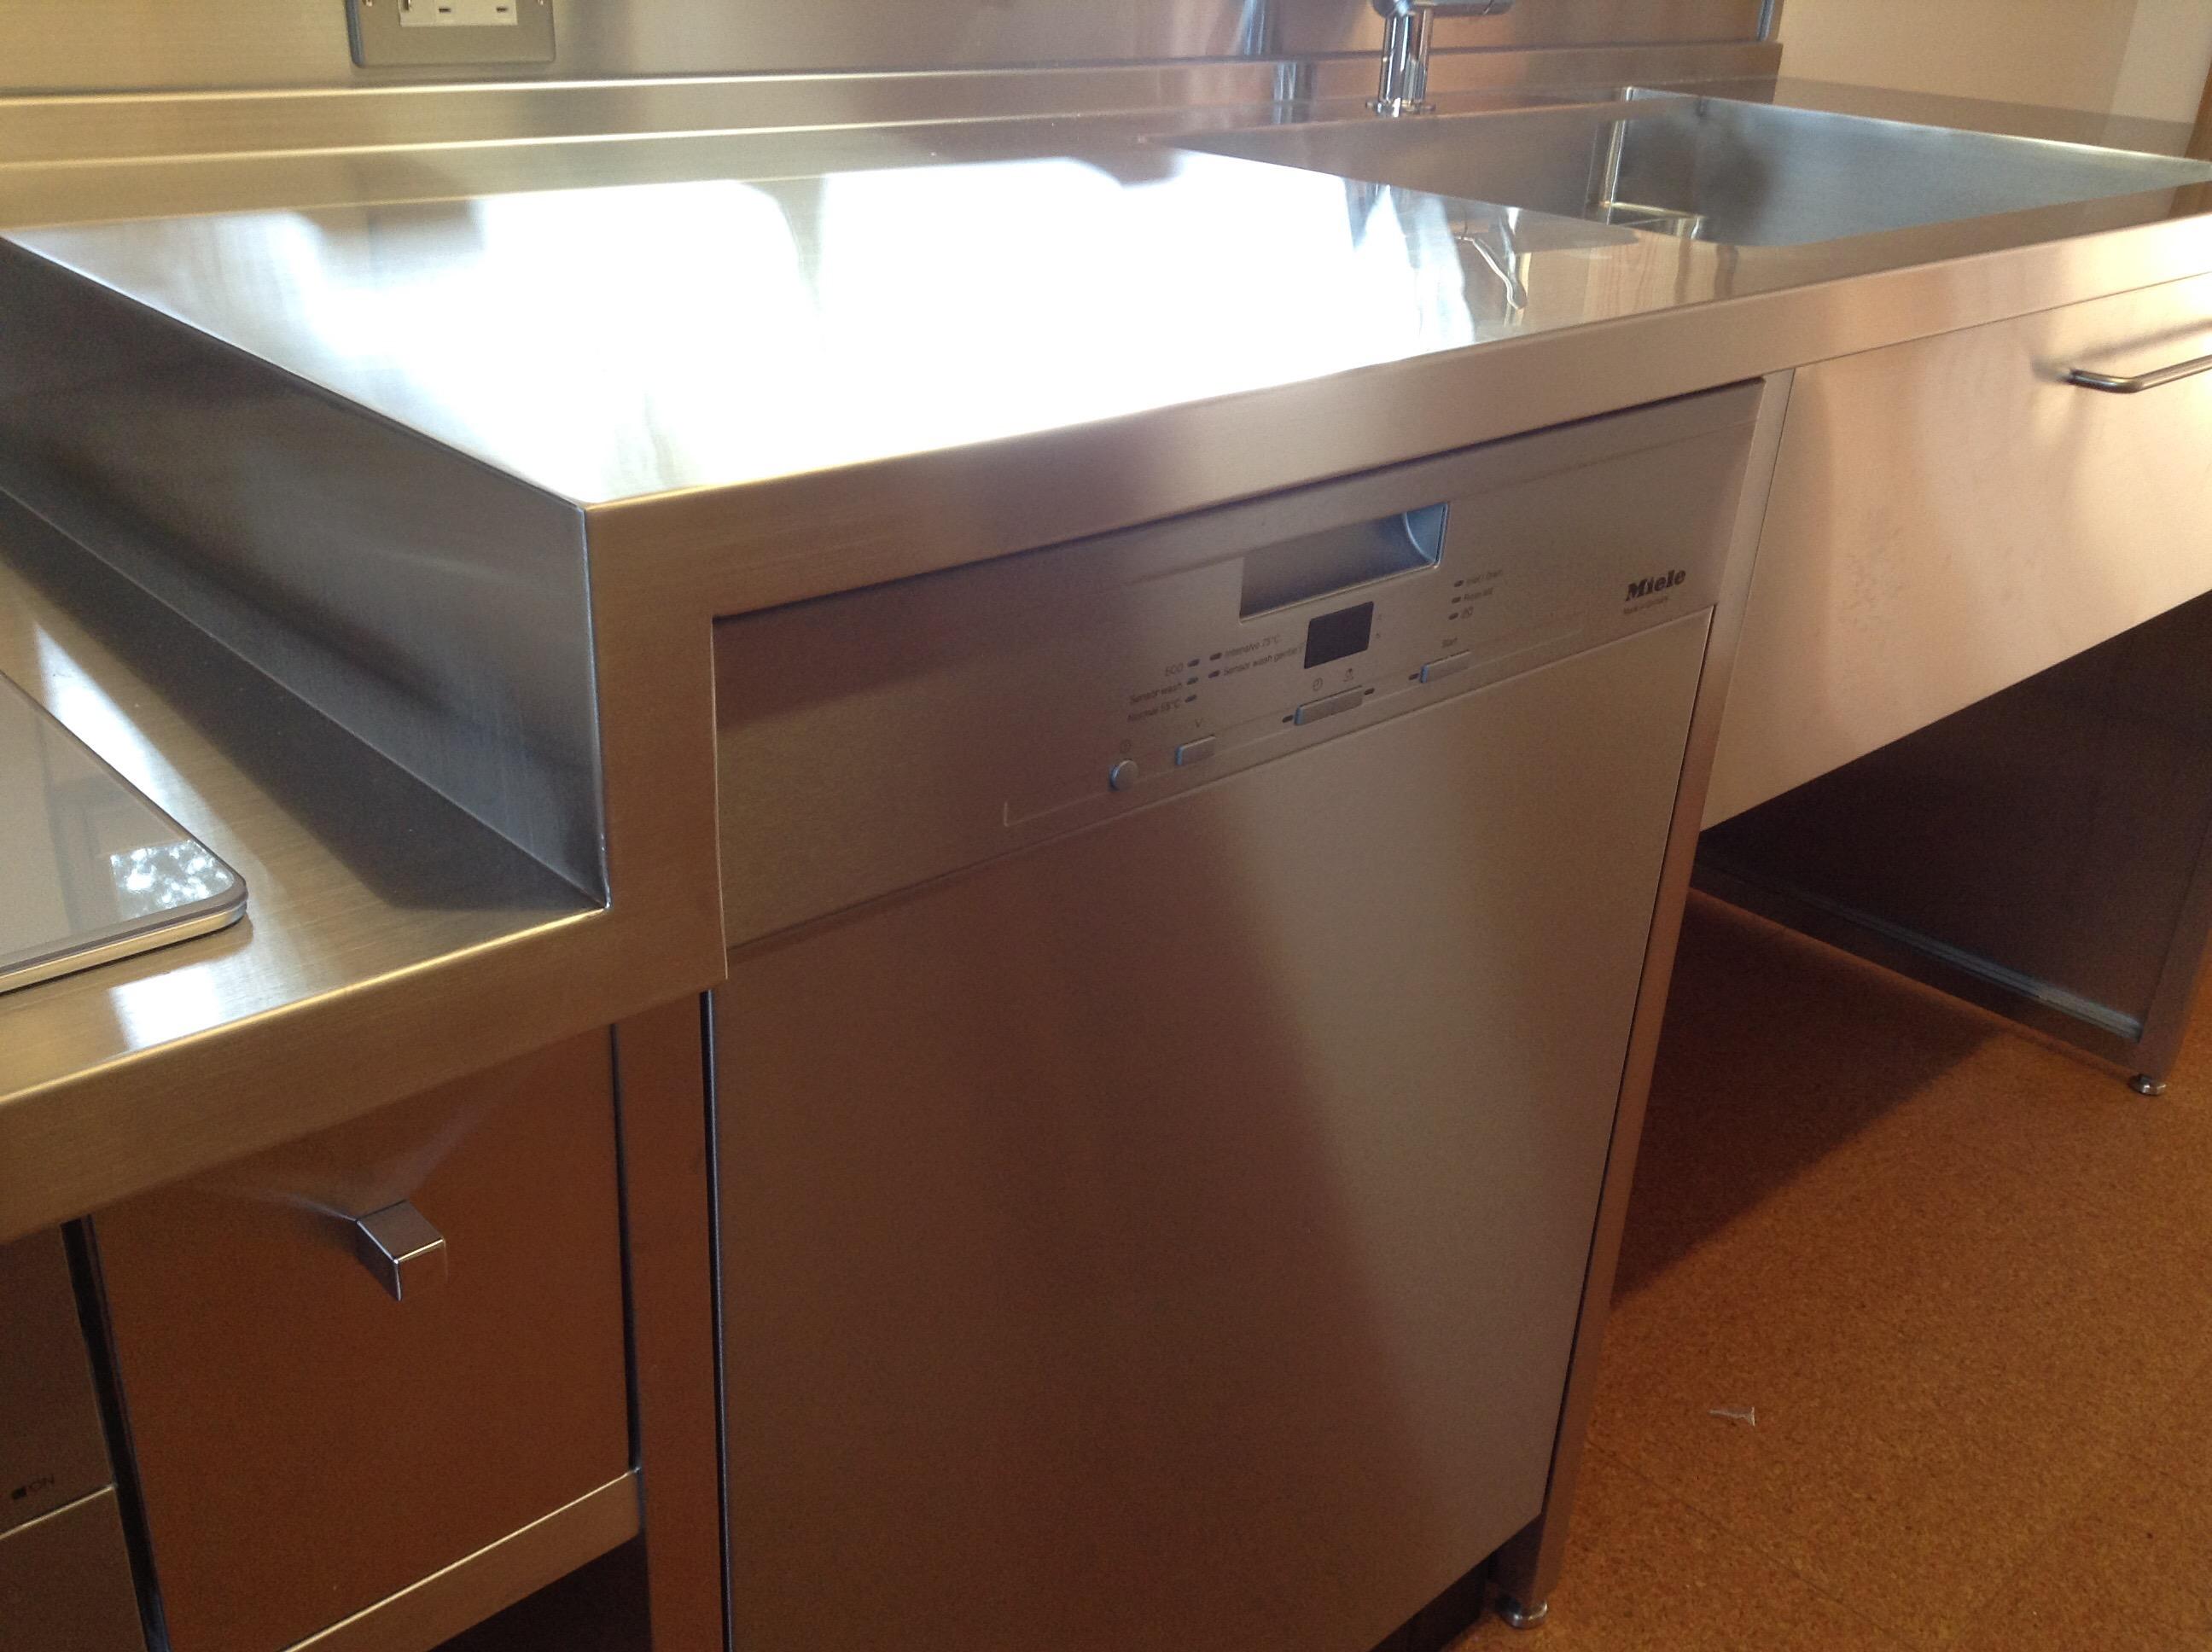 ミーレ食器洗浄機